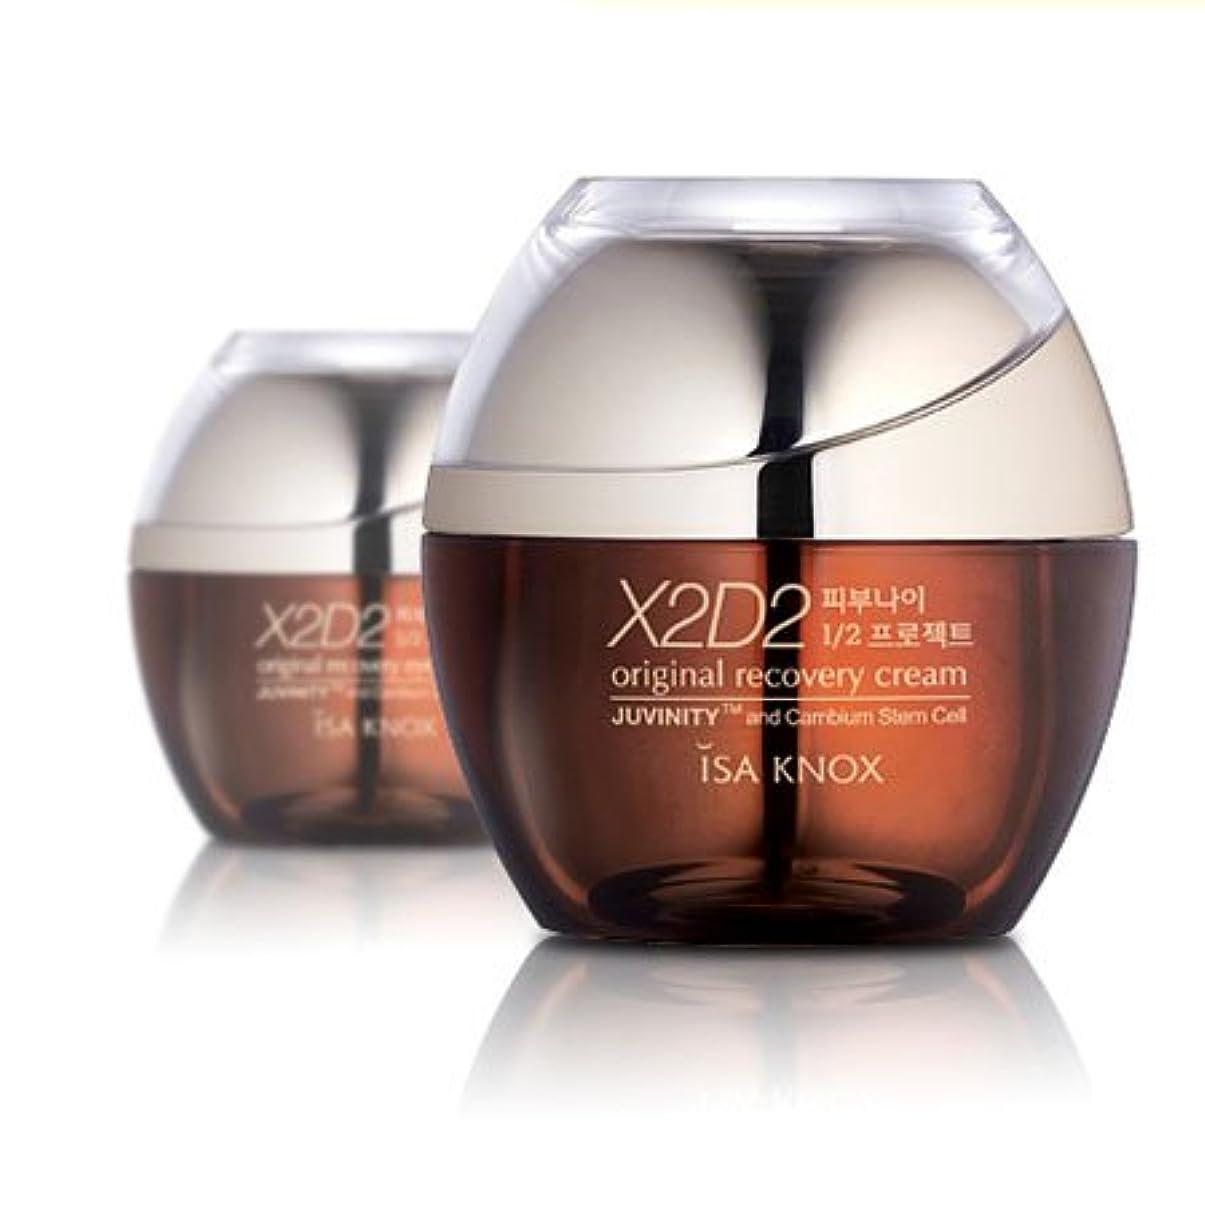 ソフィー高度なイザノックス X2D2 オリジナルリカバリークリーム [海外直送品][並行輸入品]